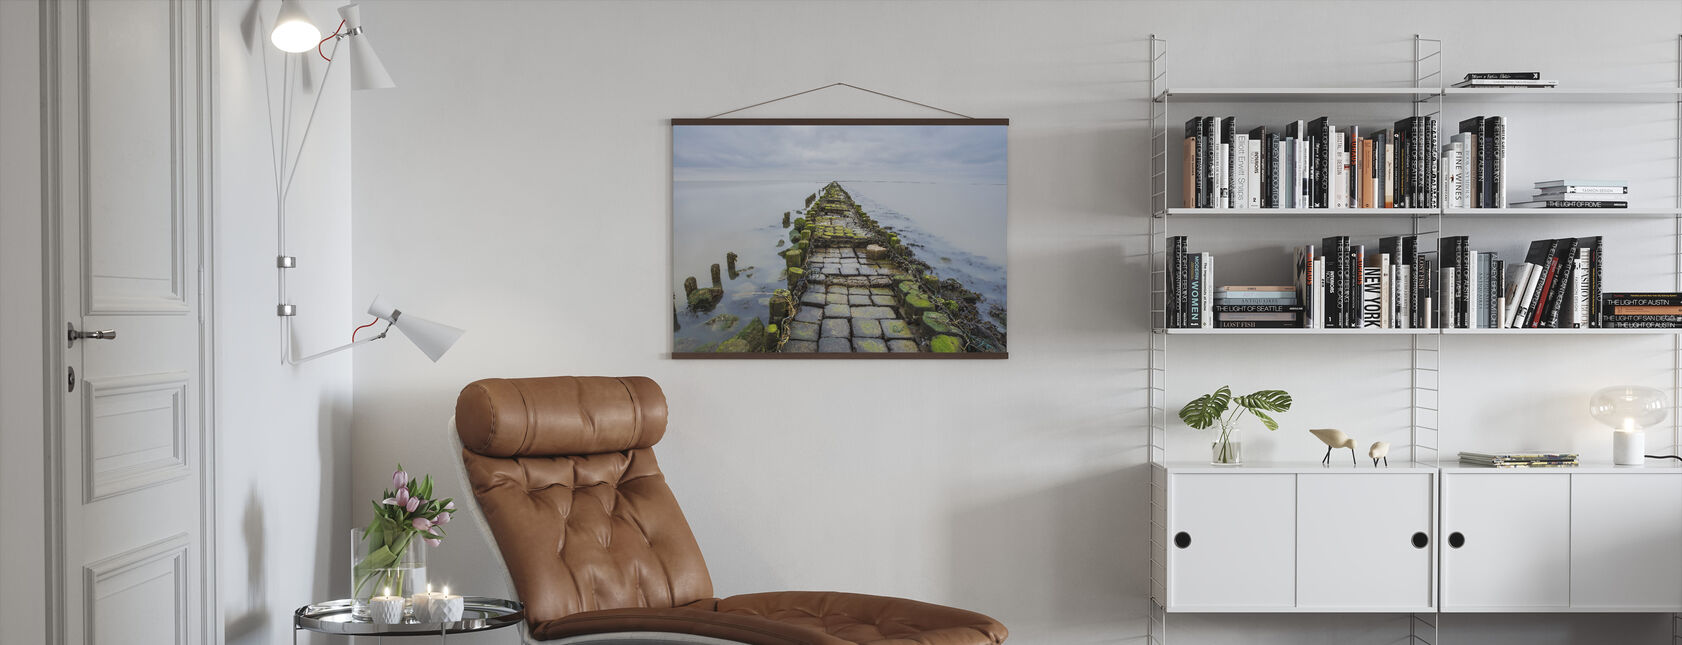 Kamienna ścieżka - Plakat - Pokój dzienny